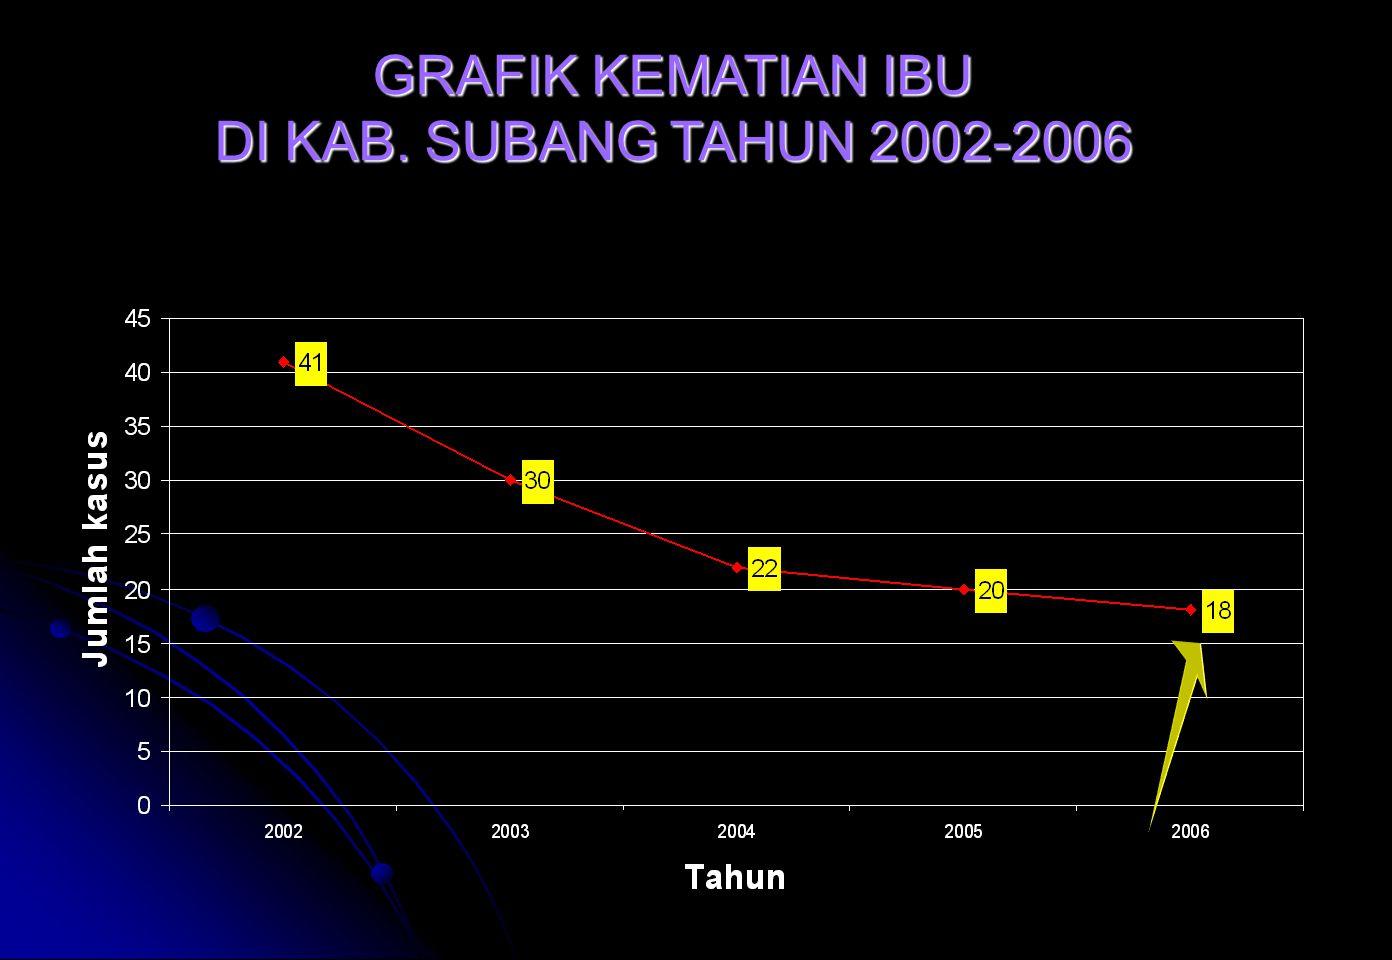 GRAFIK KEMATIAN IBU DI KAB. SUBANG TAHUN 2002-2006